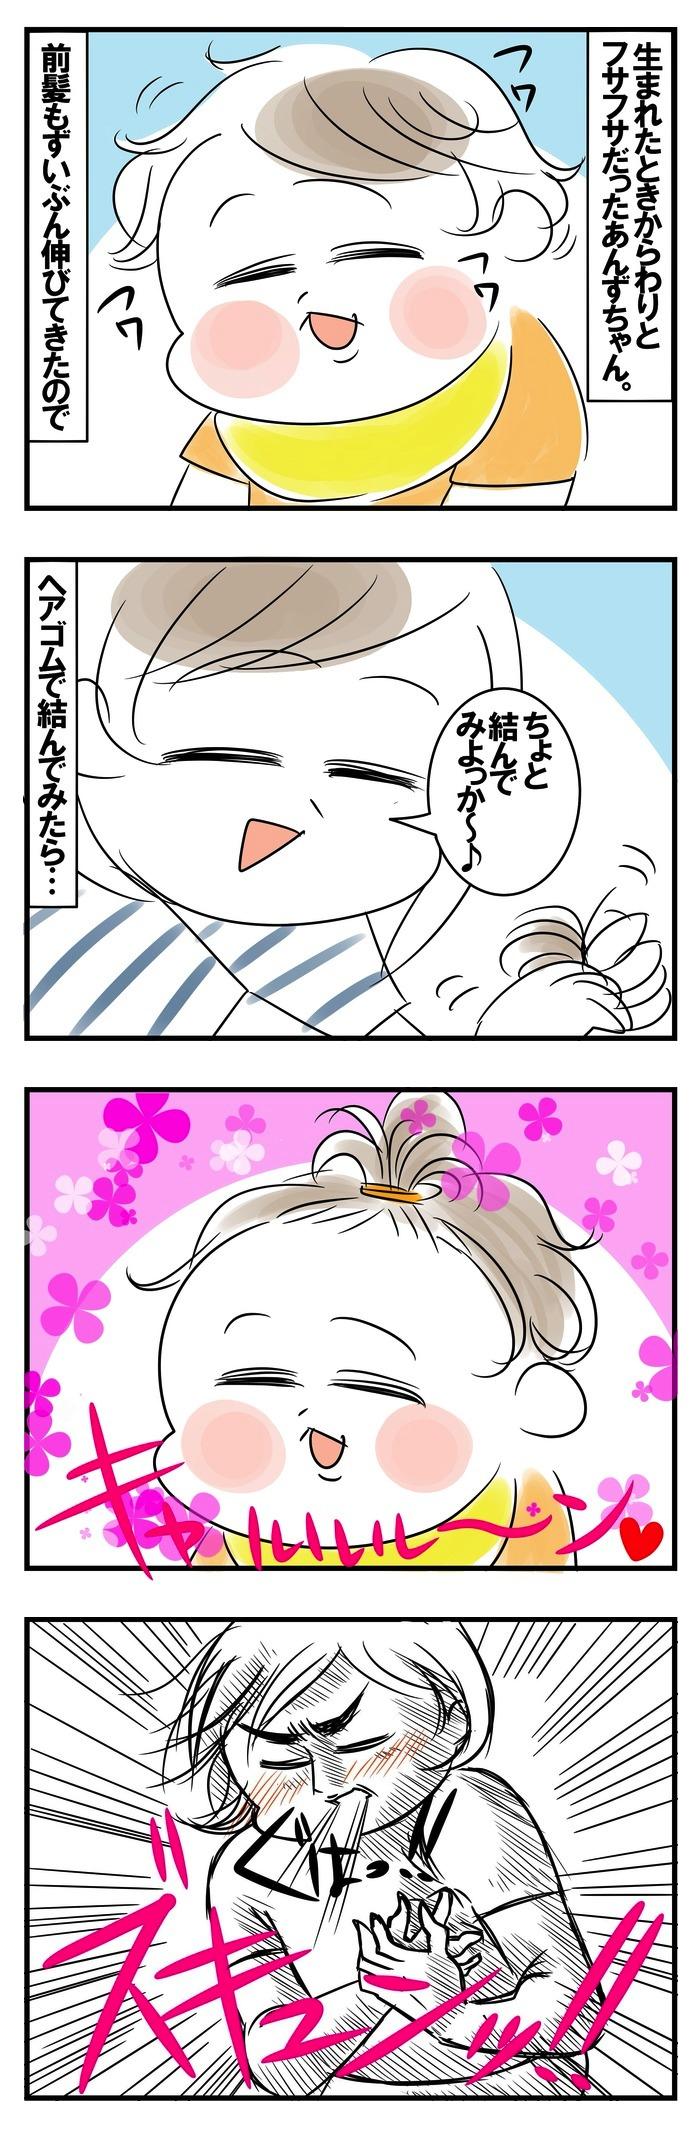 """ハートを射抜かれる〜!10ヶ月娘の""""はじめて""""にトキメキが止まらない♡の画像1"""